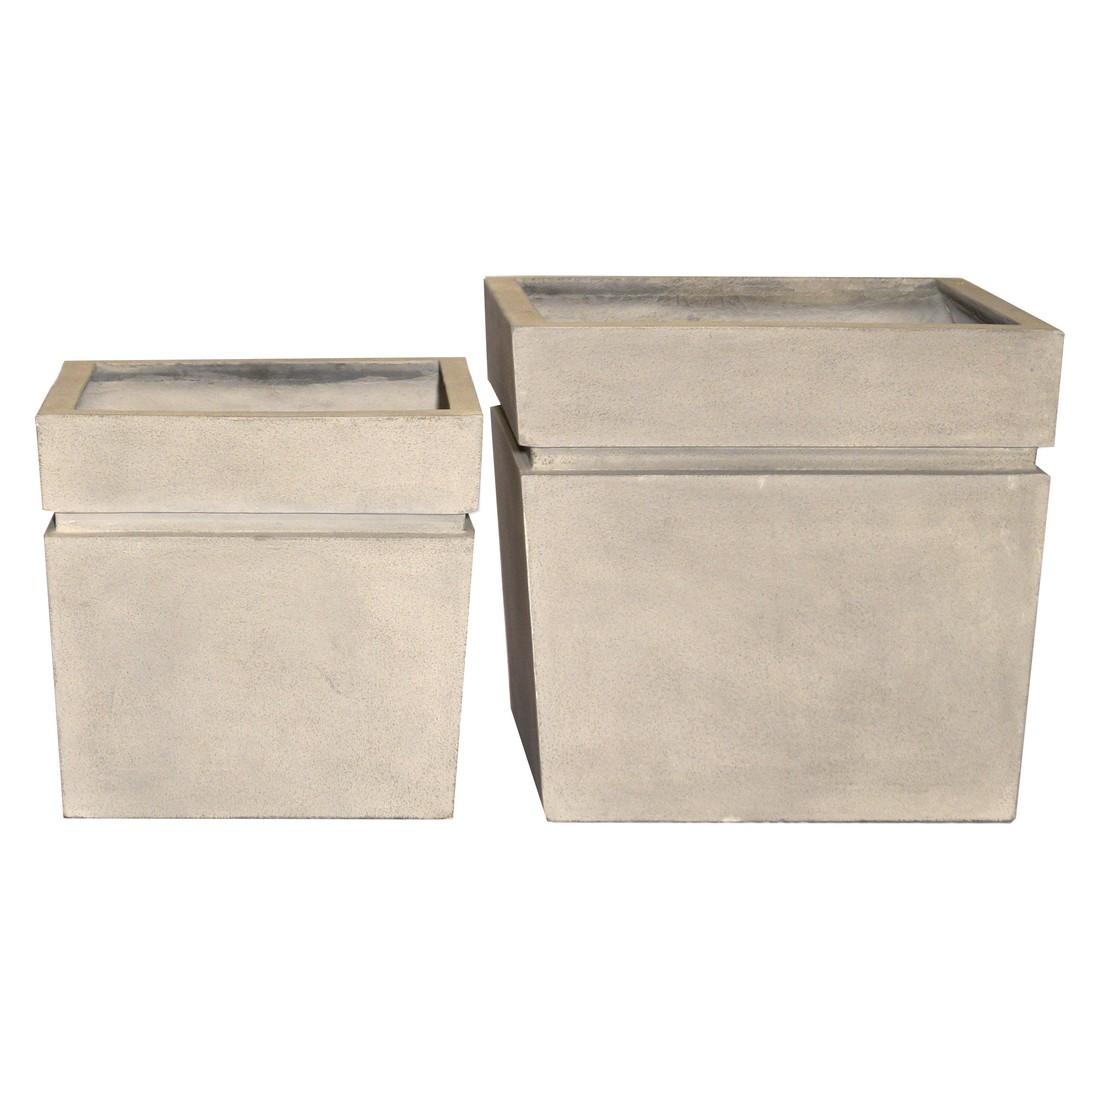 Pflanzkübel Cornish Stone – Kunststoff – Modern Eckig- 2er-Set, Viducci's Garden günstig